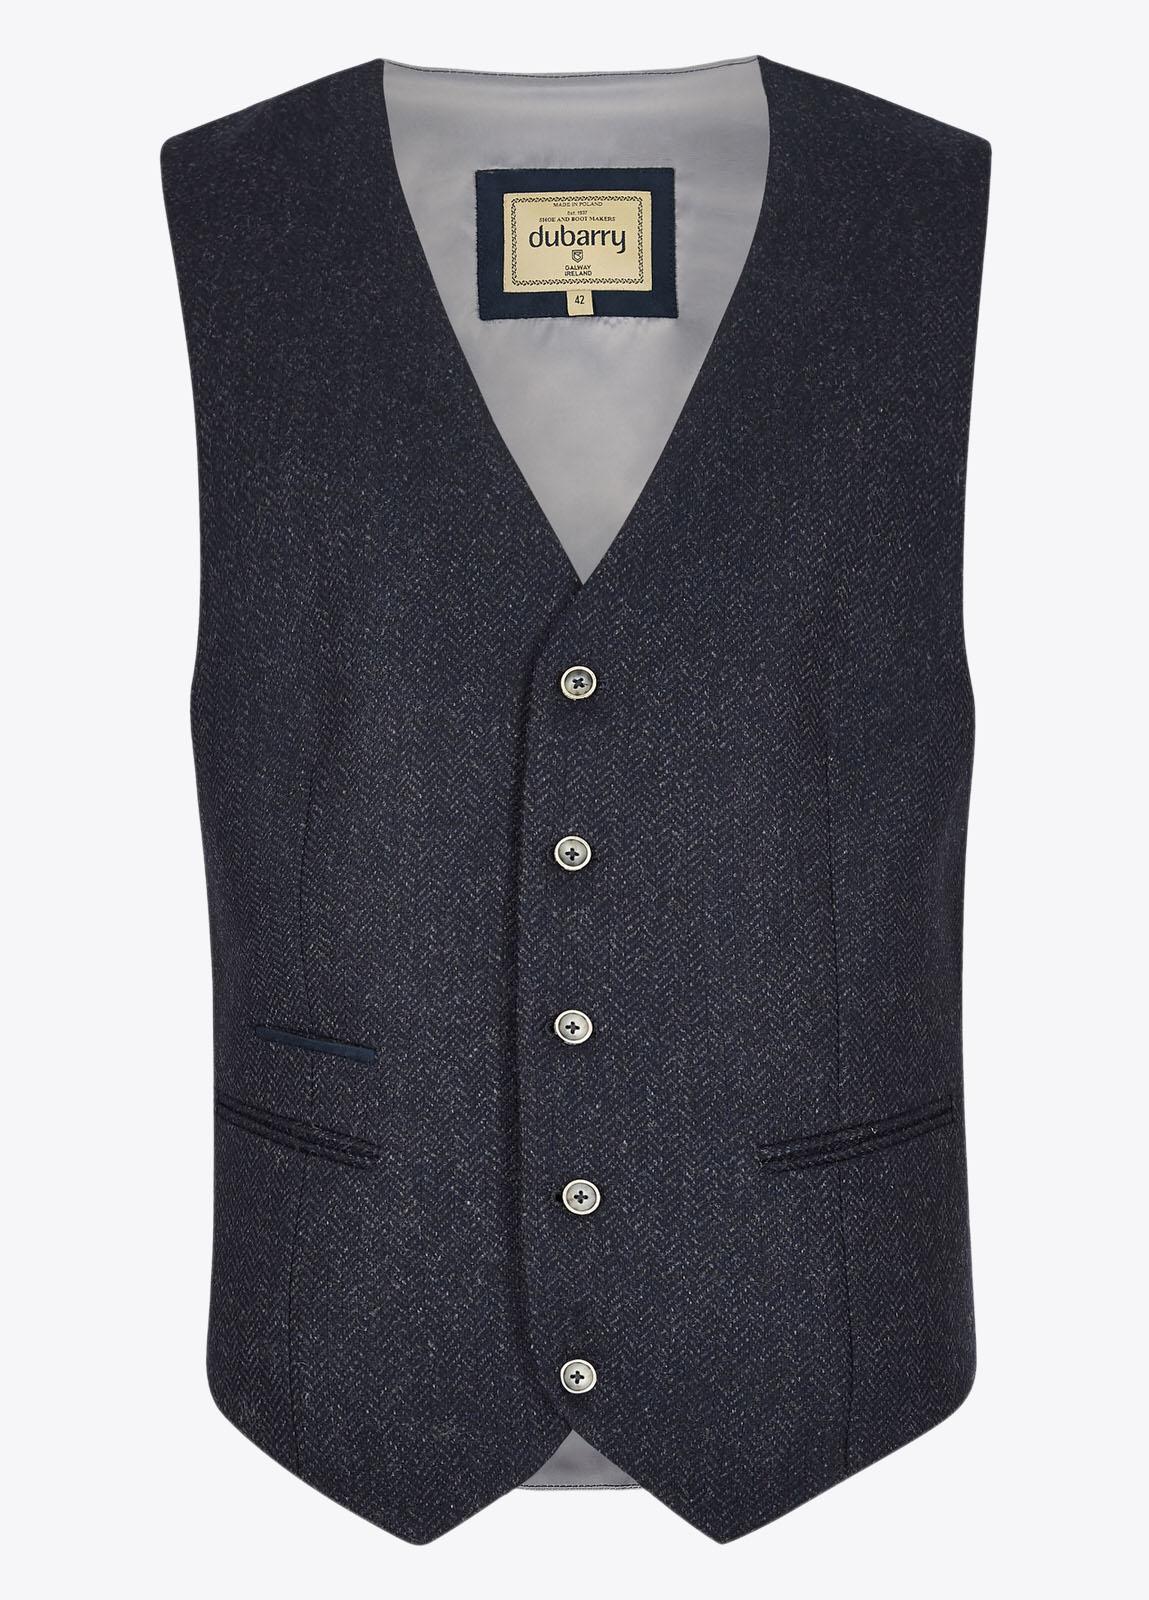 Ballyshannon Tweed Waistcoat - Midnight